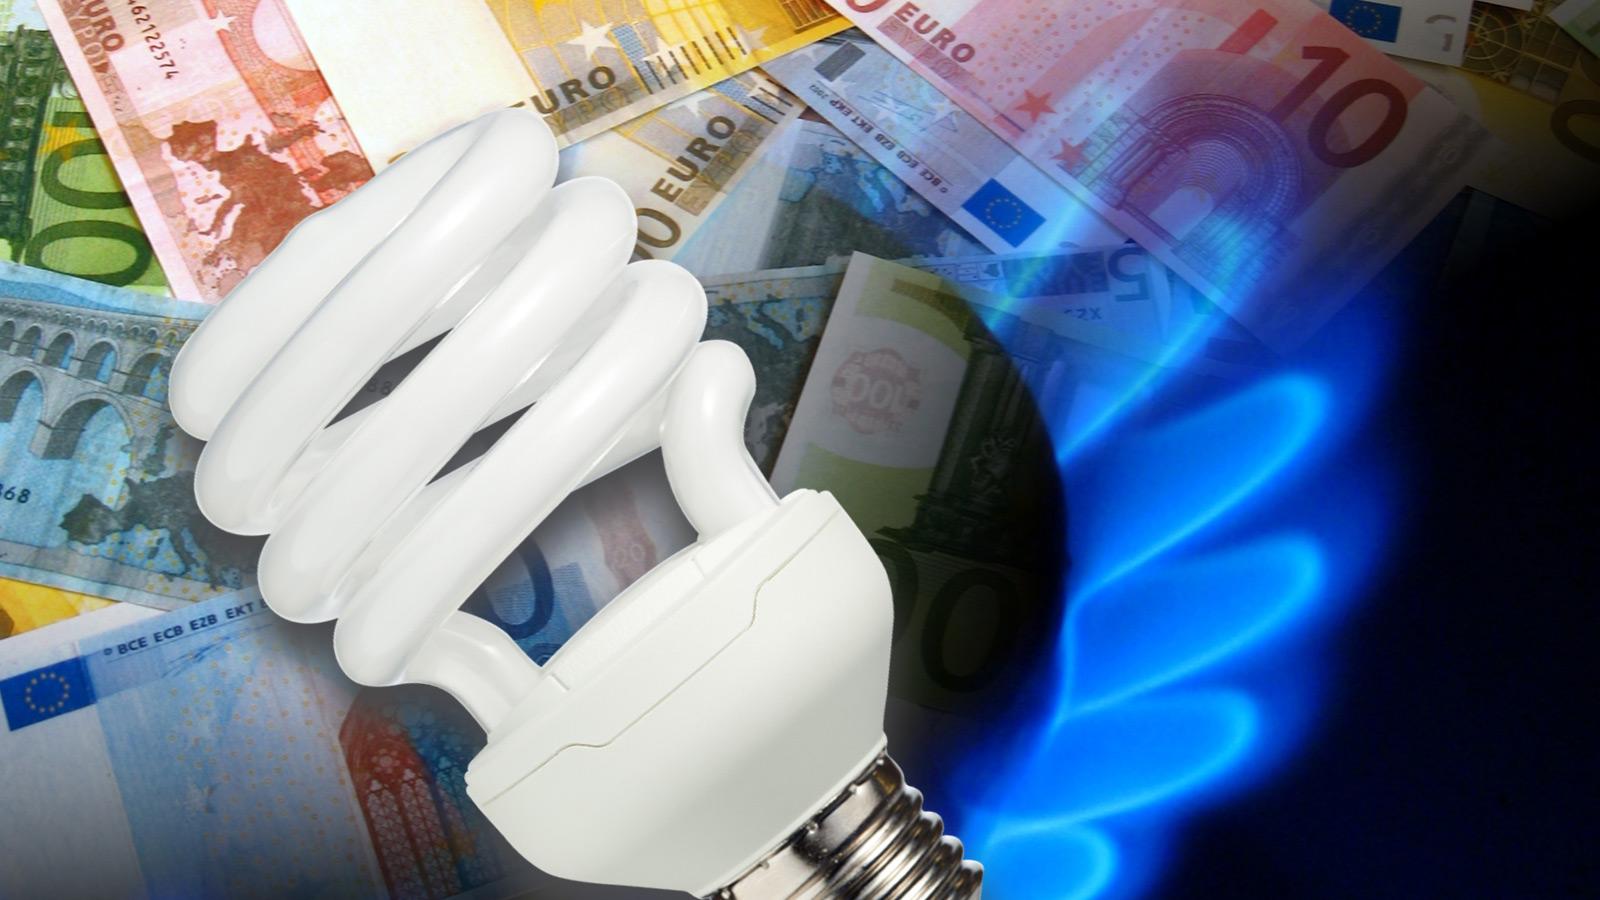 Imagem com lâmpada economizadora, chama de bico de gás e notas de euros